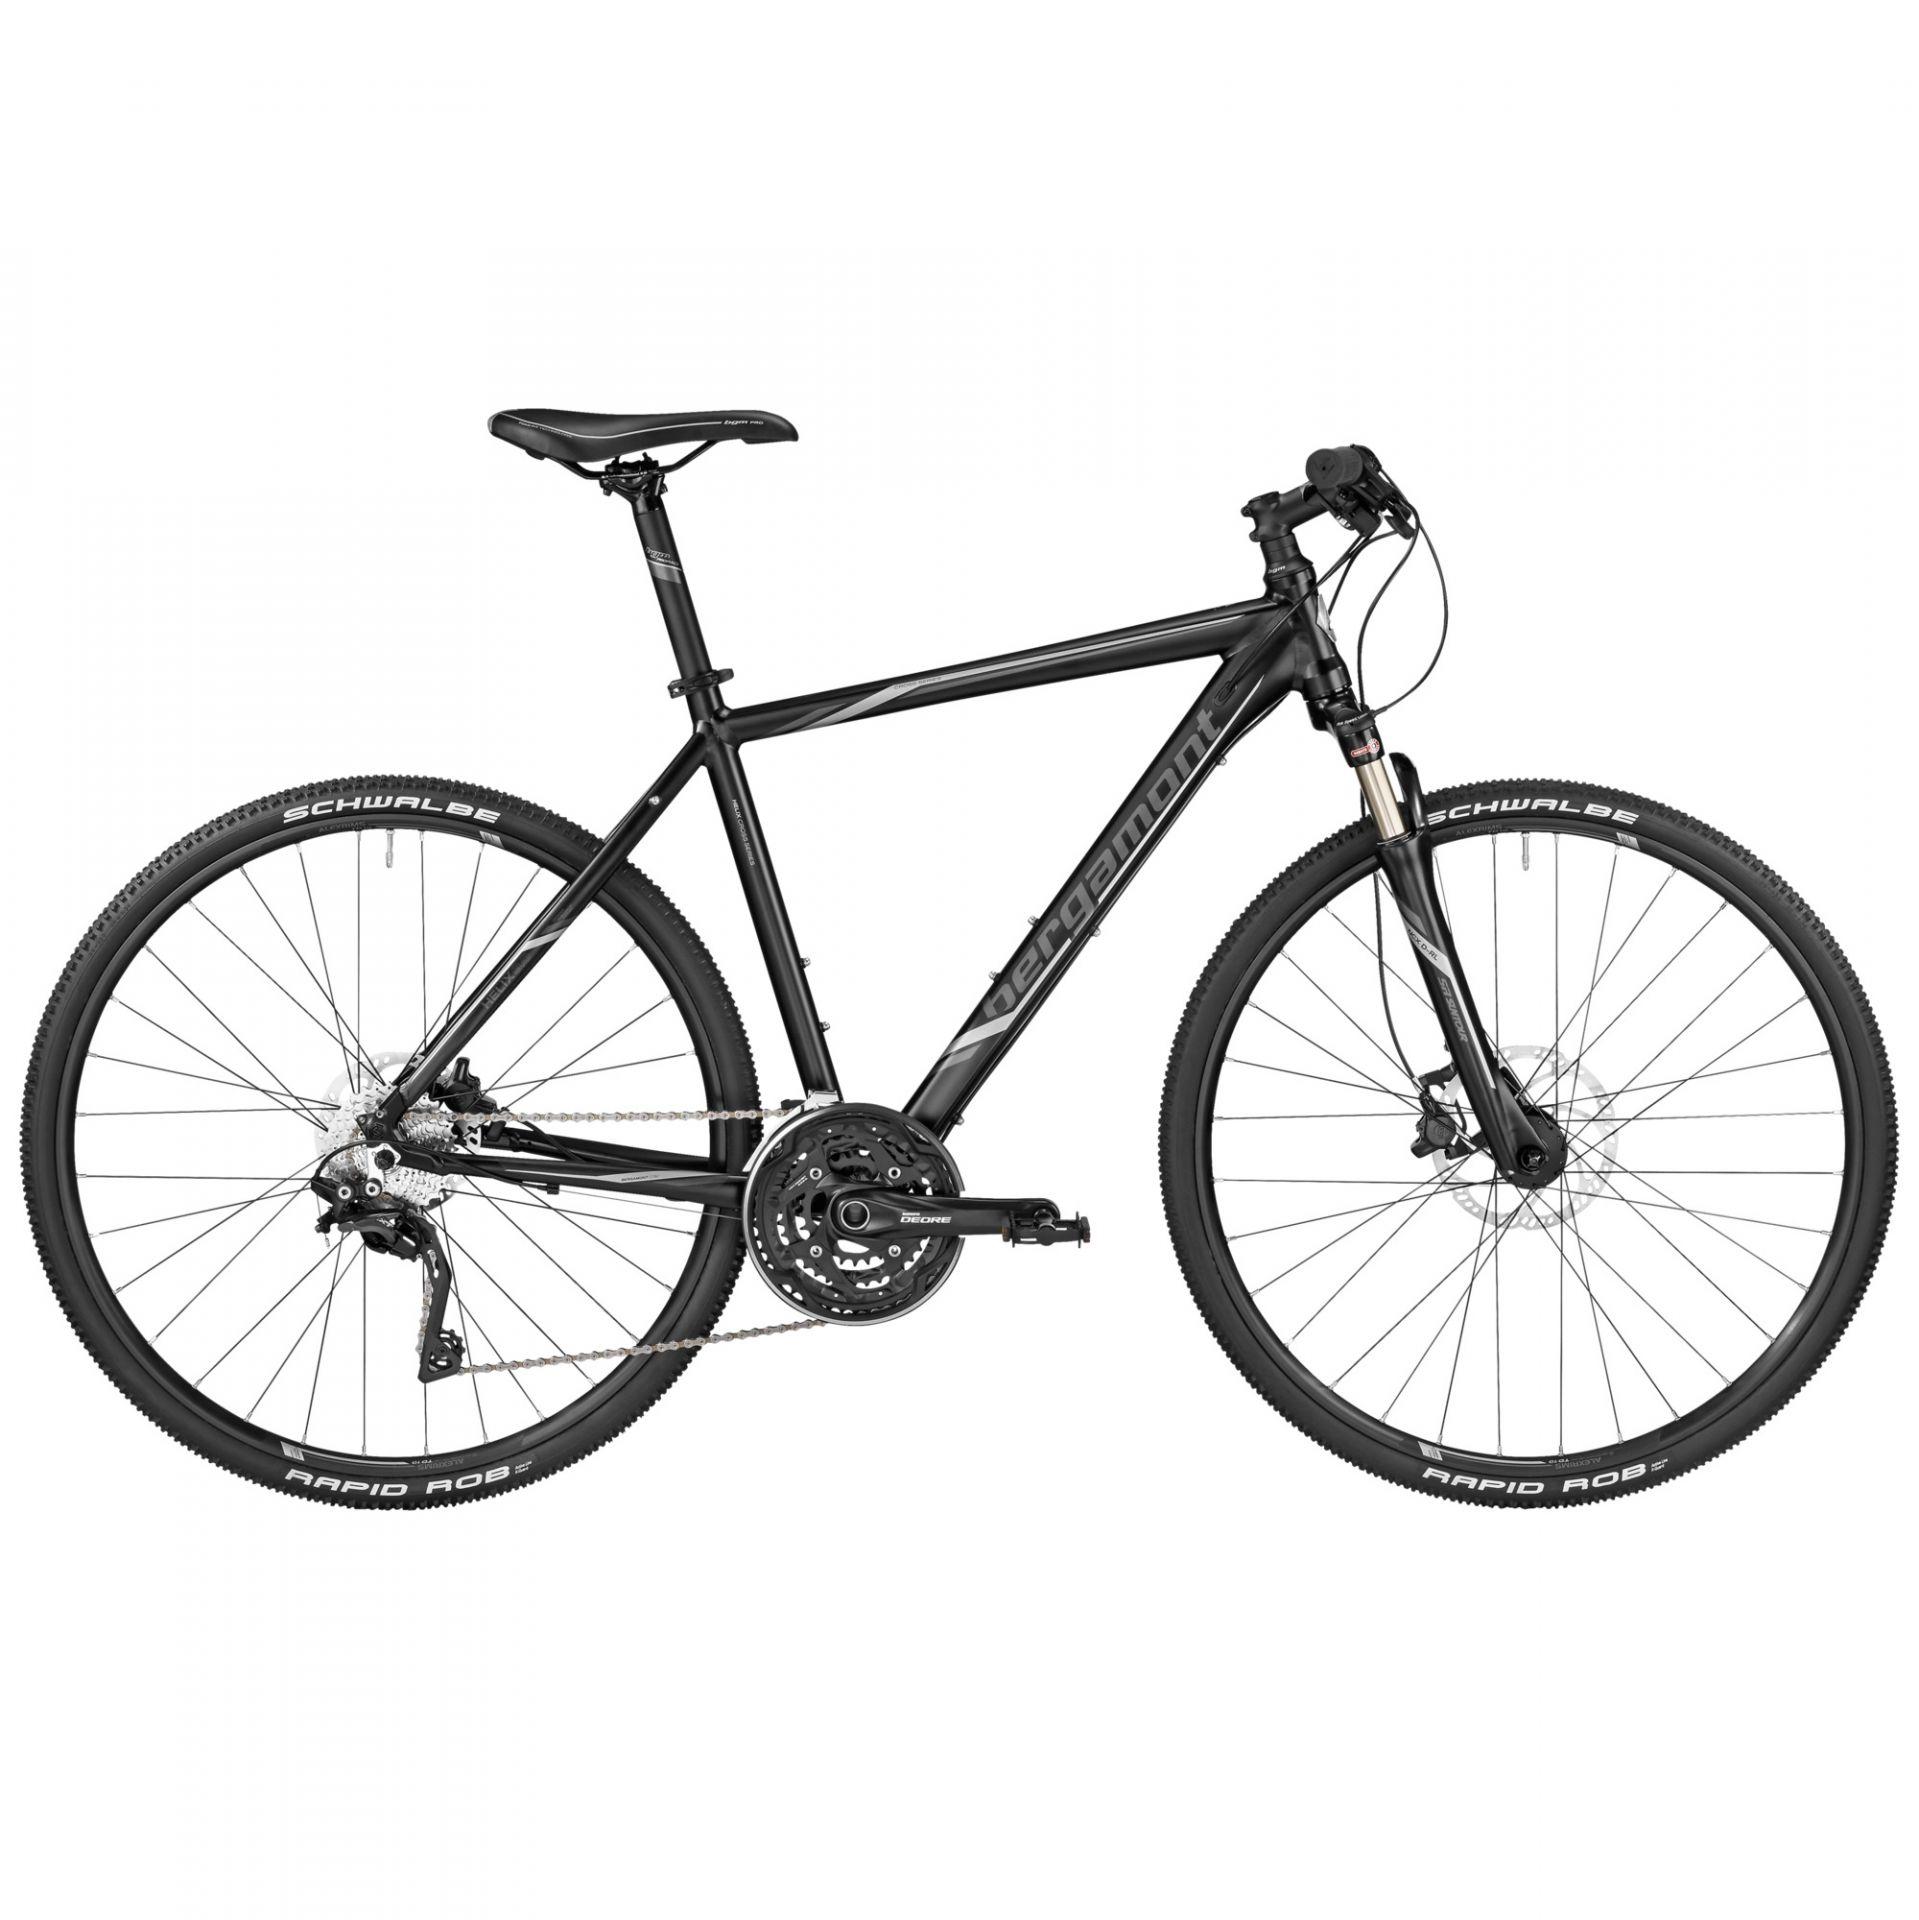 VTC Bergamont Helix 9.0 Noir/Gris/Argent - 52 cm